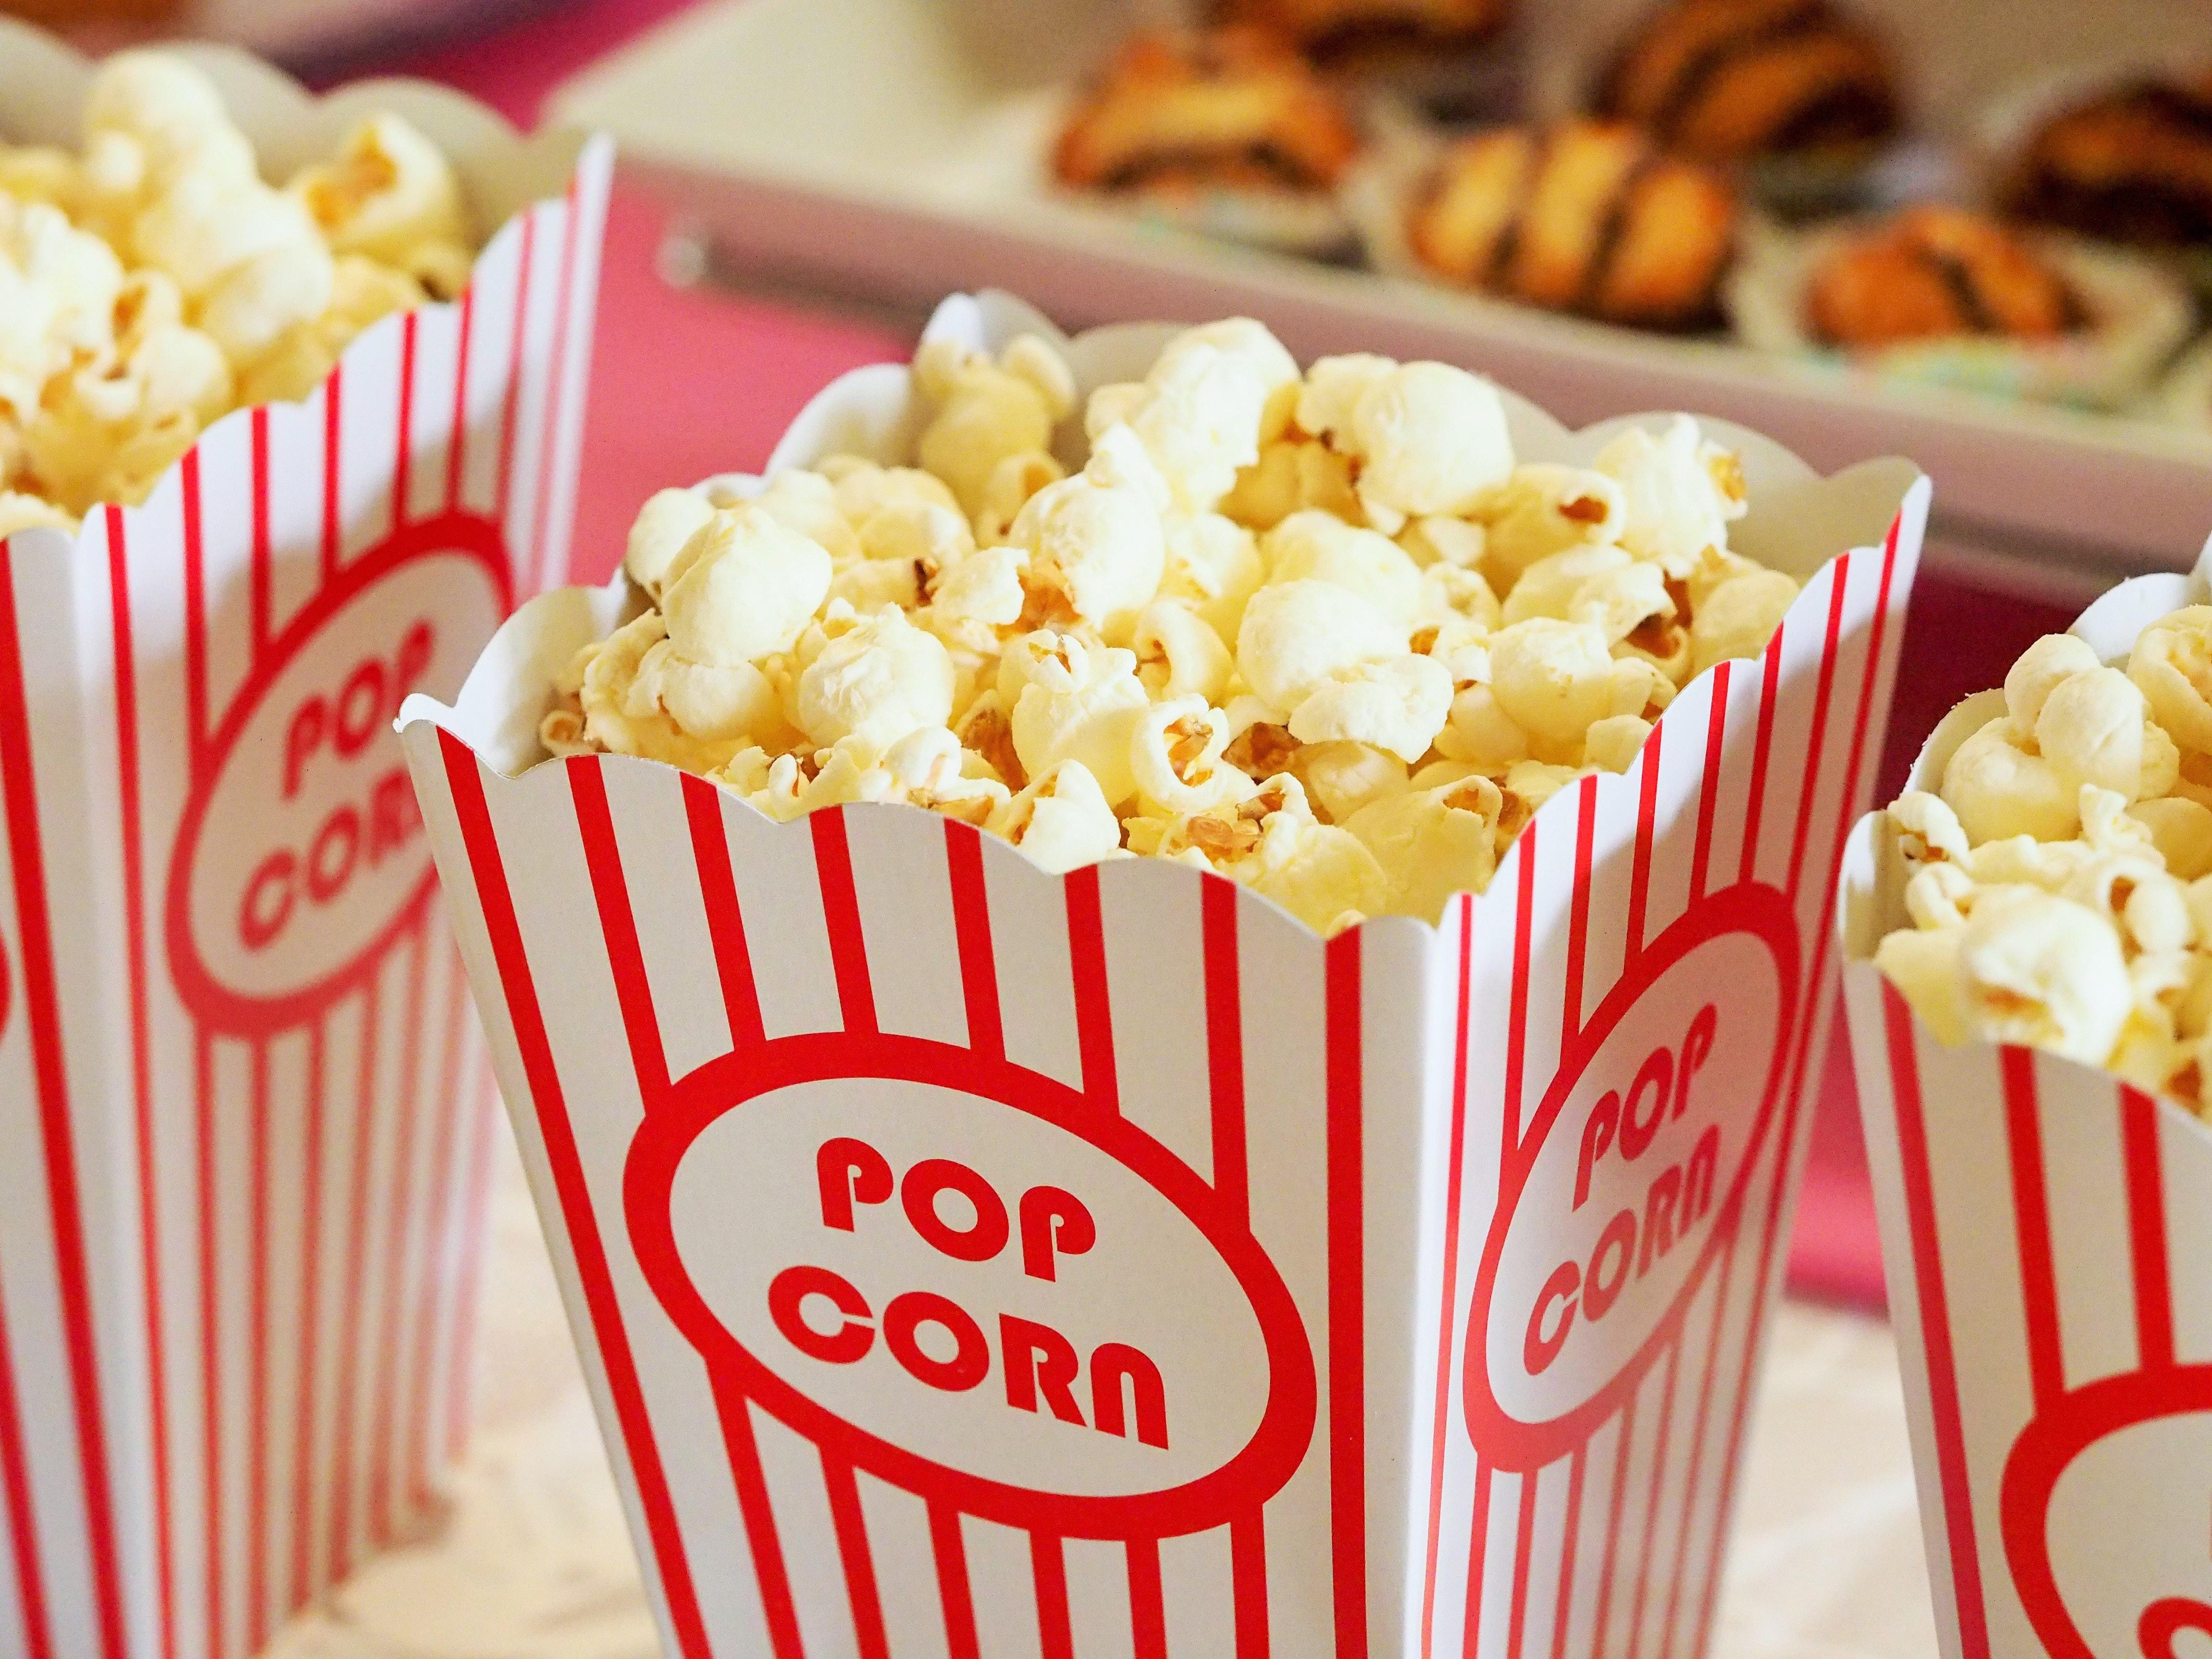 Popcorn i skål